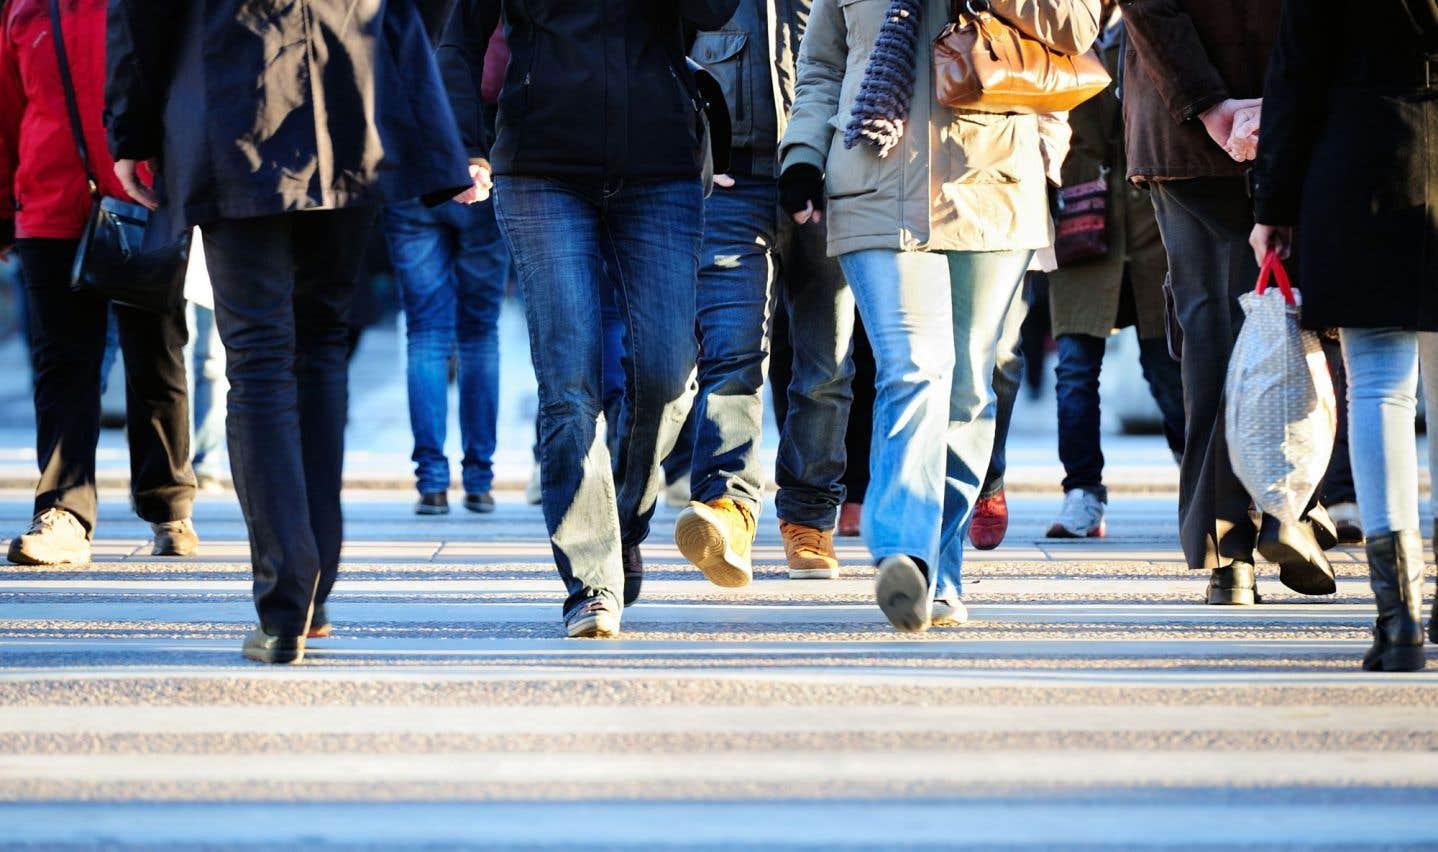 Plus de la moitié de la population mondiale vit maintenant dans les villes, d'où l'importance des politiques publiques en matière de logement qui contribuent à la résolution des problèmes de santé, d'éducation, d'emploi et d'environnement.